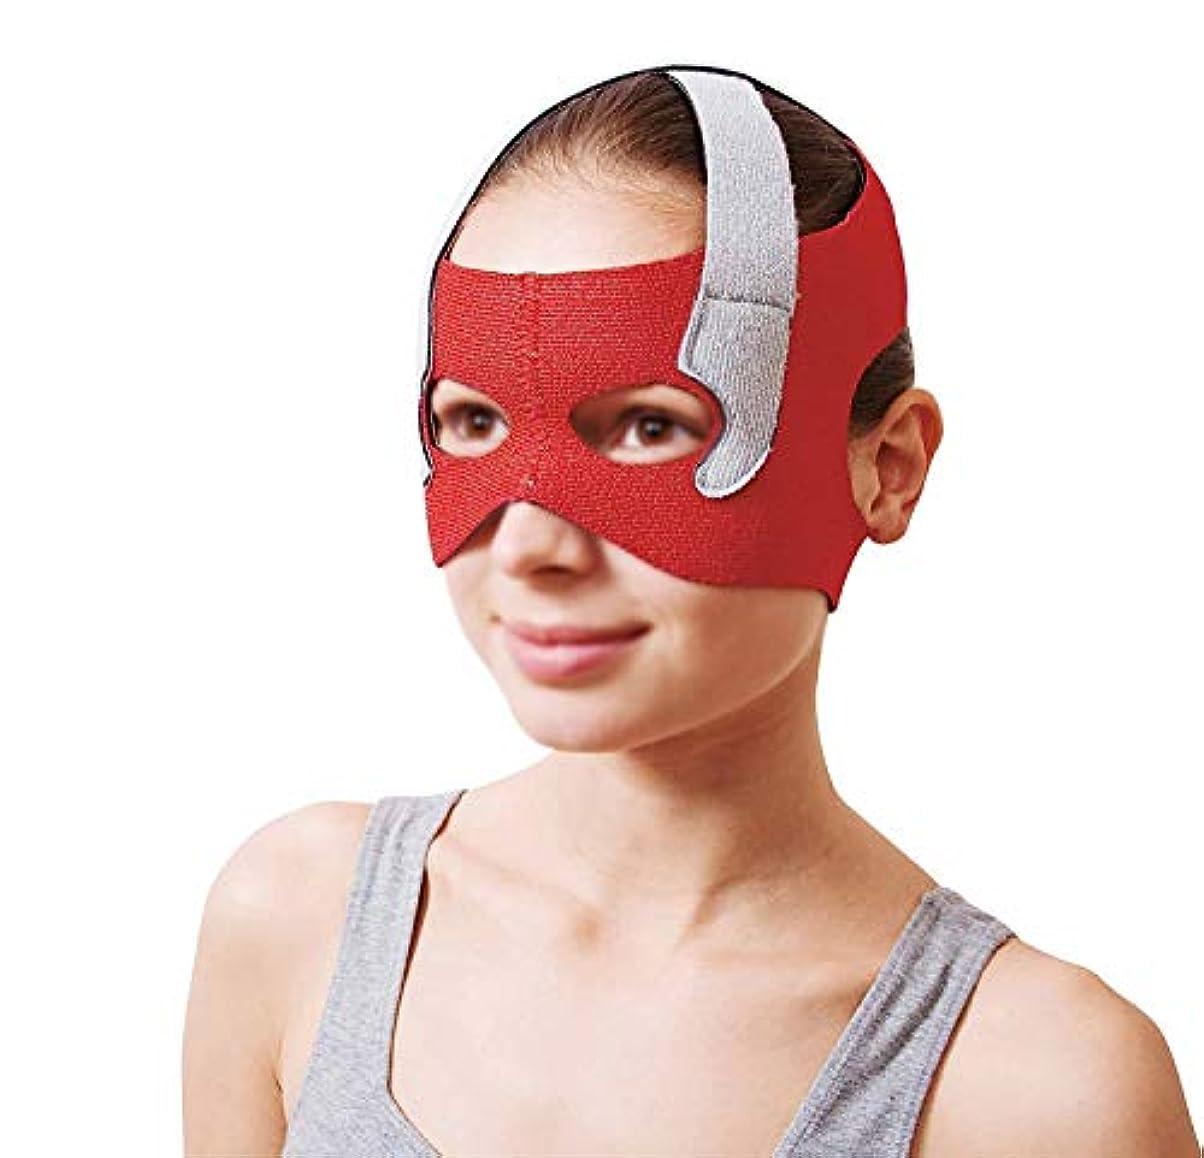 アクロバットマーティンルーサーキングジュニアスペードTLMY フェイシャルリフティングマスク回復包帯ヘッドギアマスクシンフェイスマスクアーティファクト美容ベルトフェイシャルとネックリフティングフェイシャル円周57-68 cm 顔用整形マスク